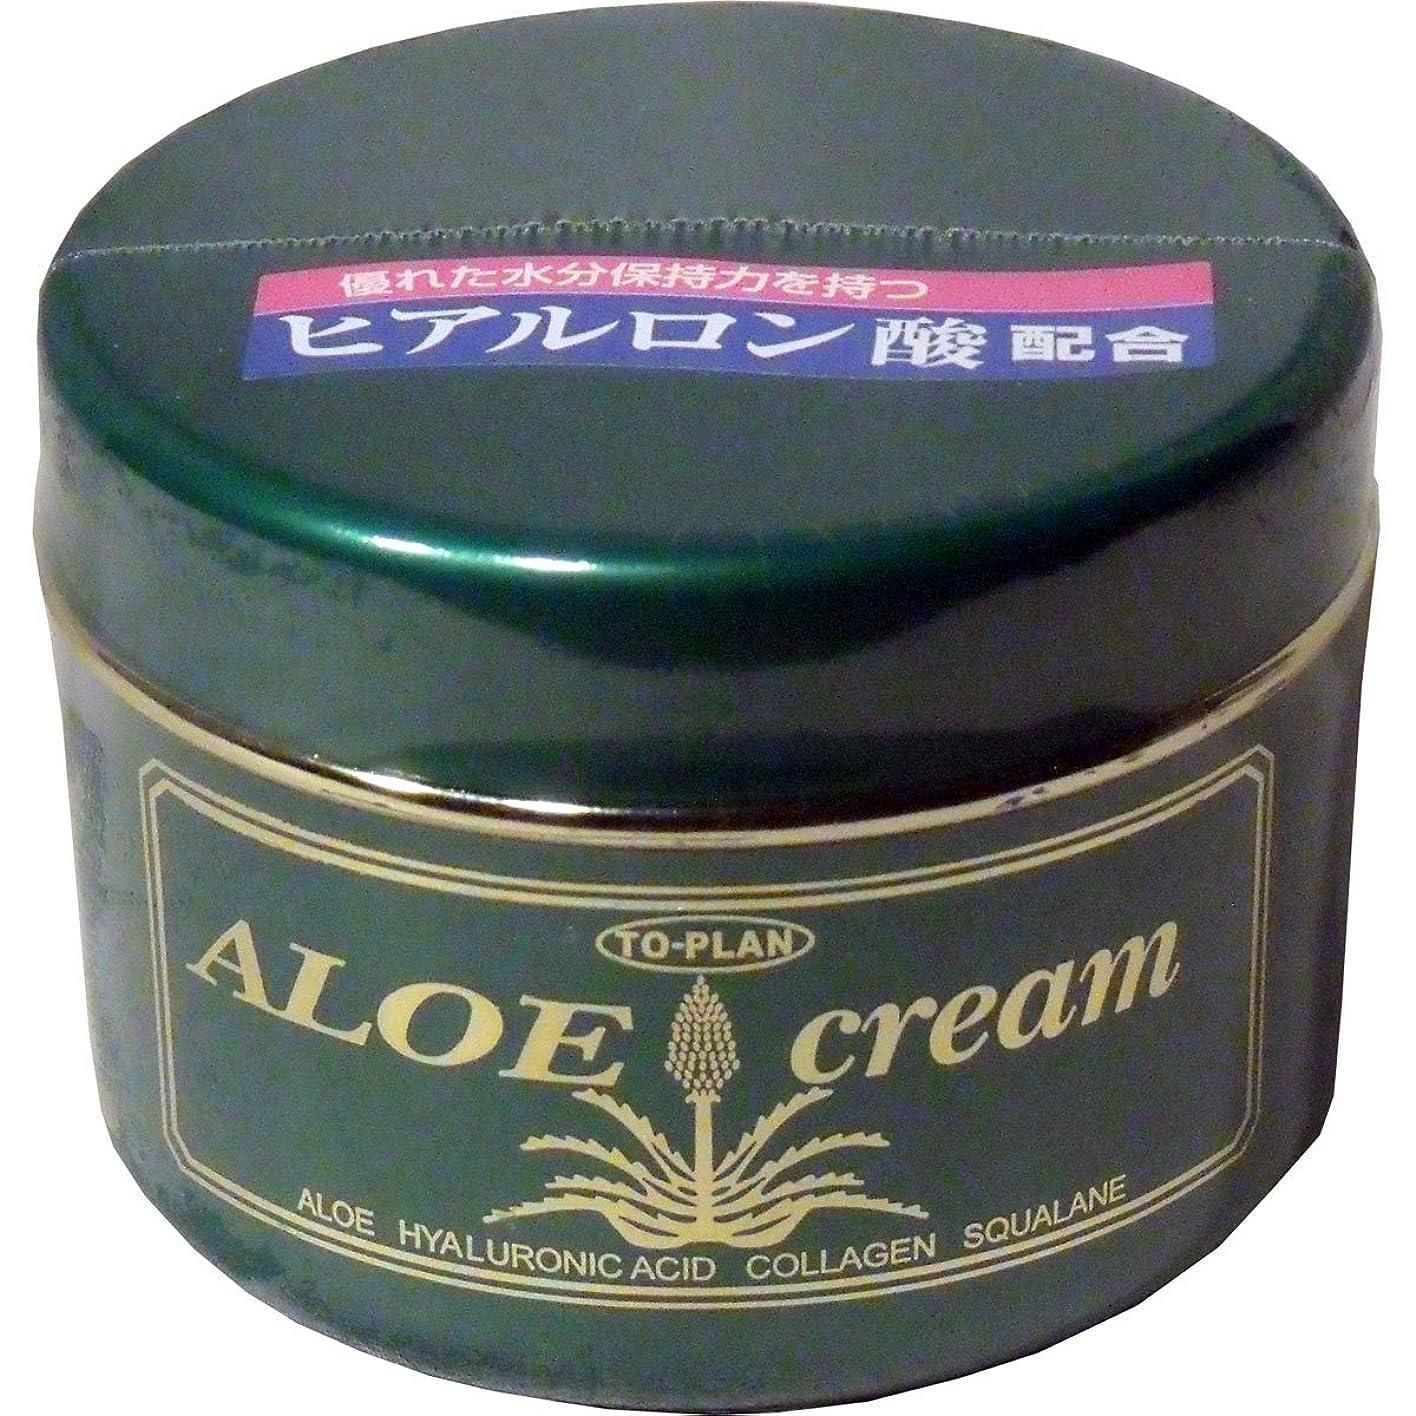 感嘆カスケード偽物トプラン ハーブフレッシュクリーム(アロエクリーム) ヒアルロン酸 170g ×3個セット